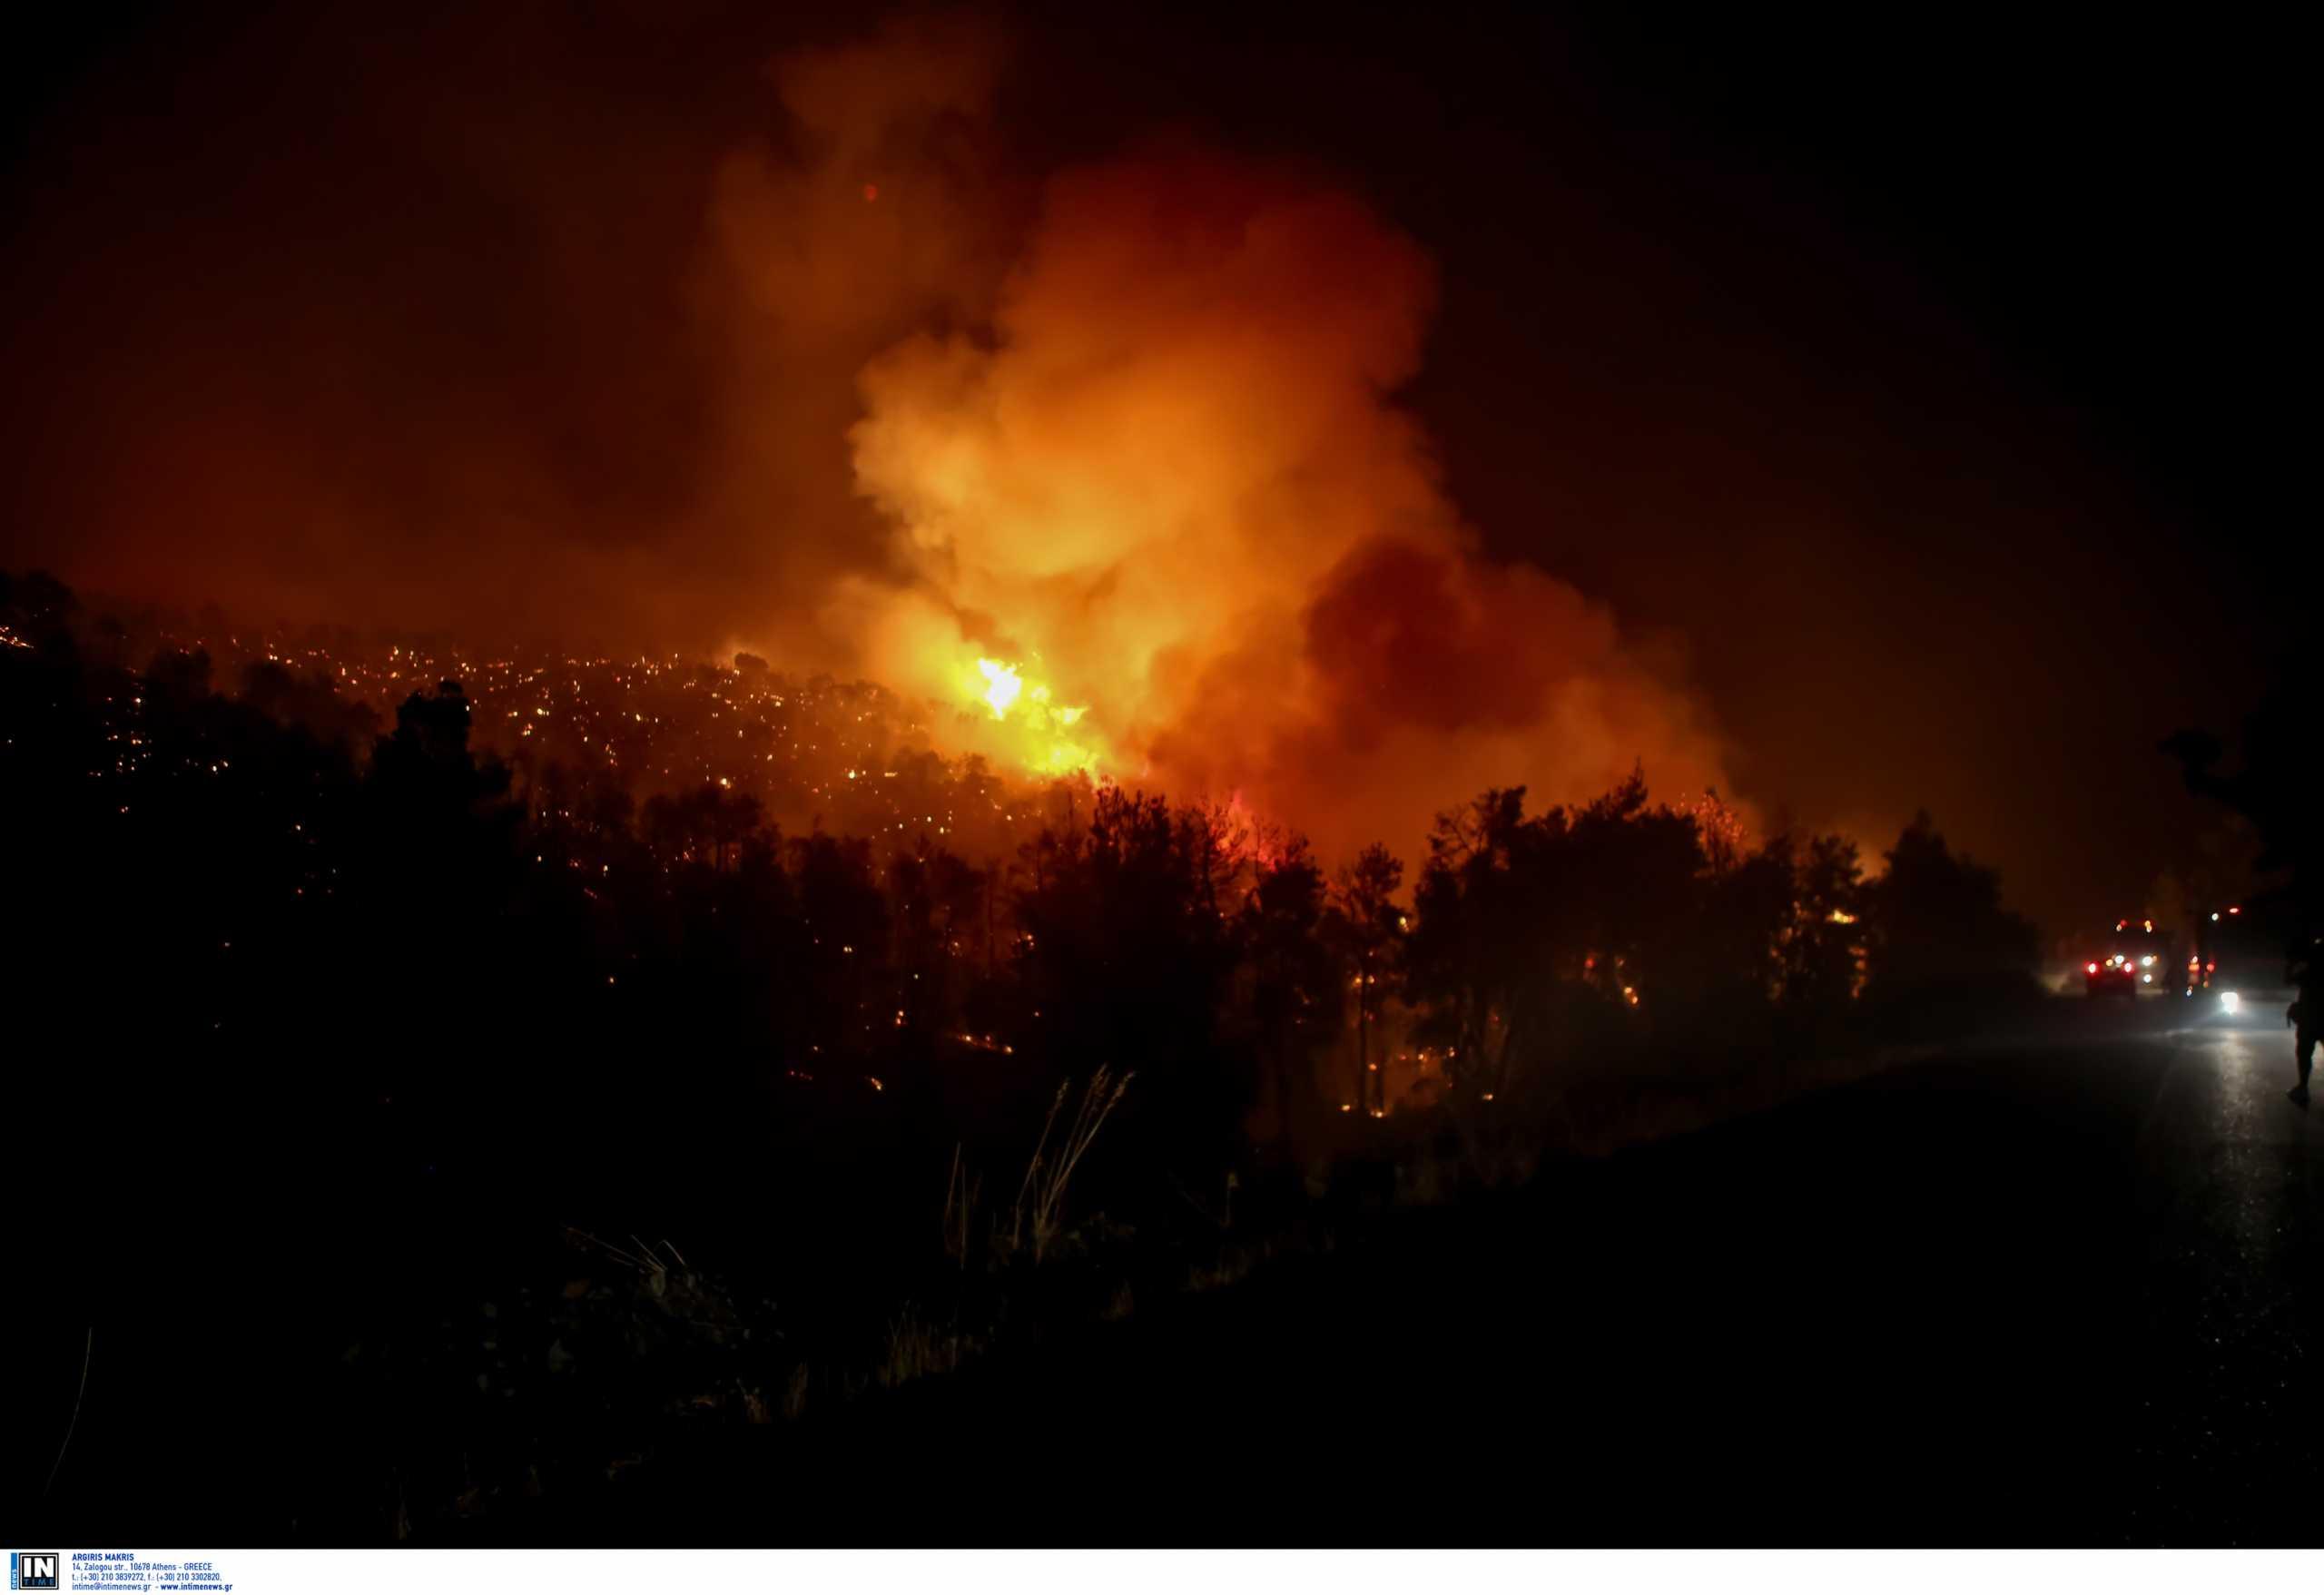 Κυβερνητική δυσαρέσκεια για τη φωτιά στην Αττική – Το παρασκήνιο πίσω από το διάγγελμα του πρωθυπουργού